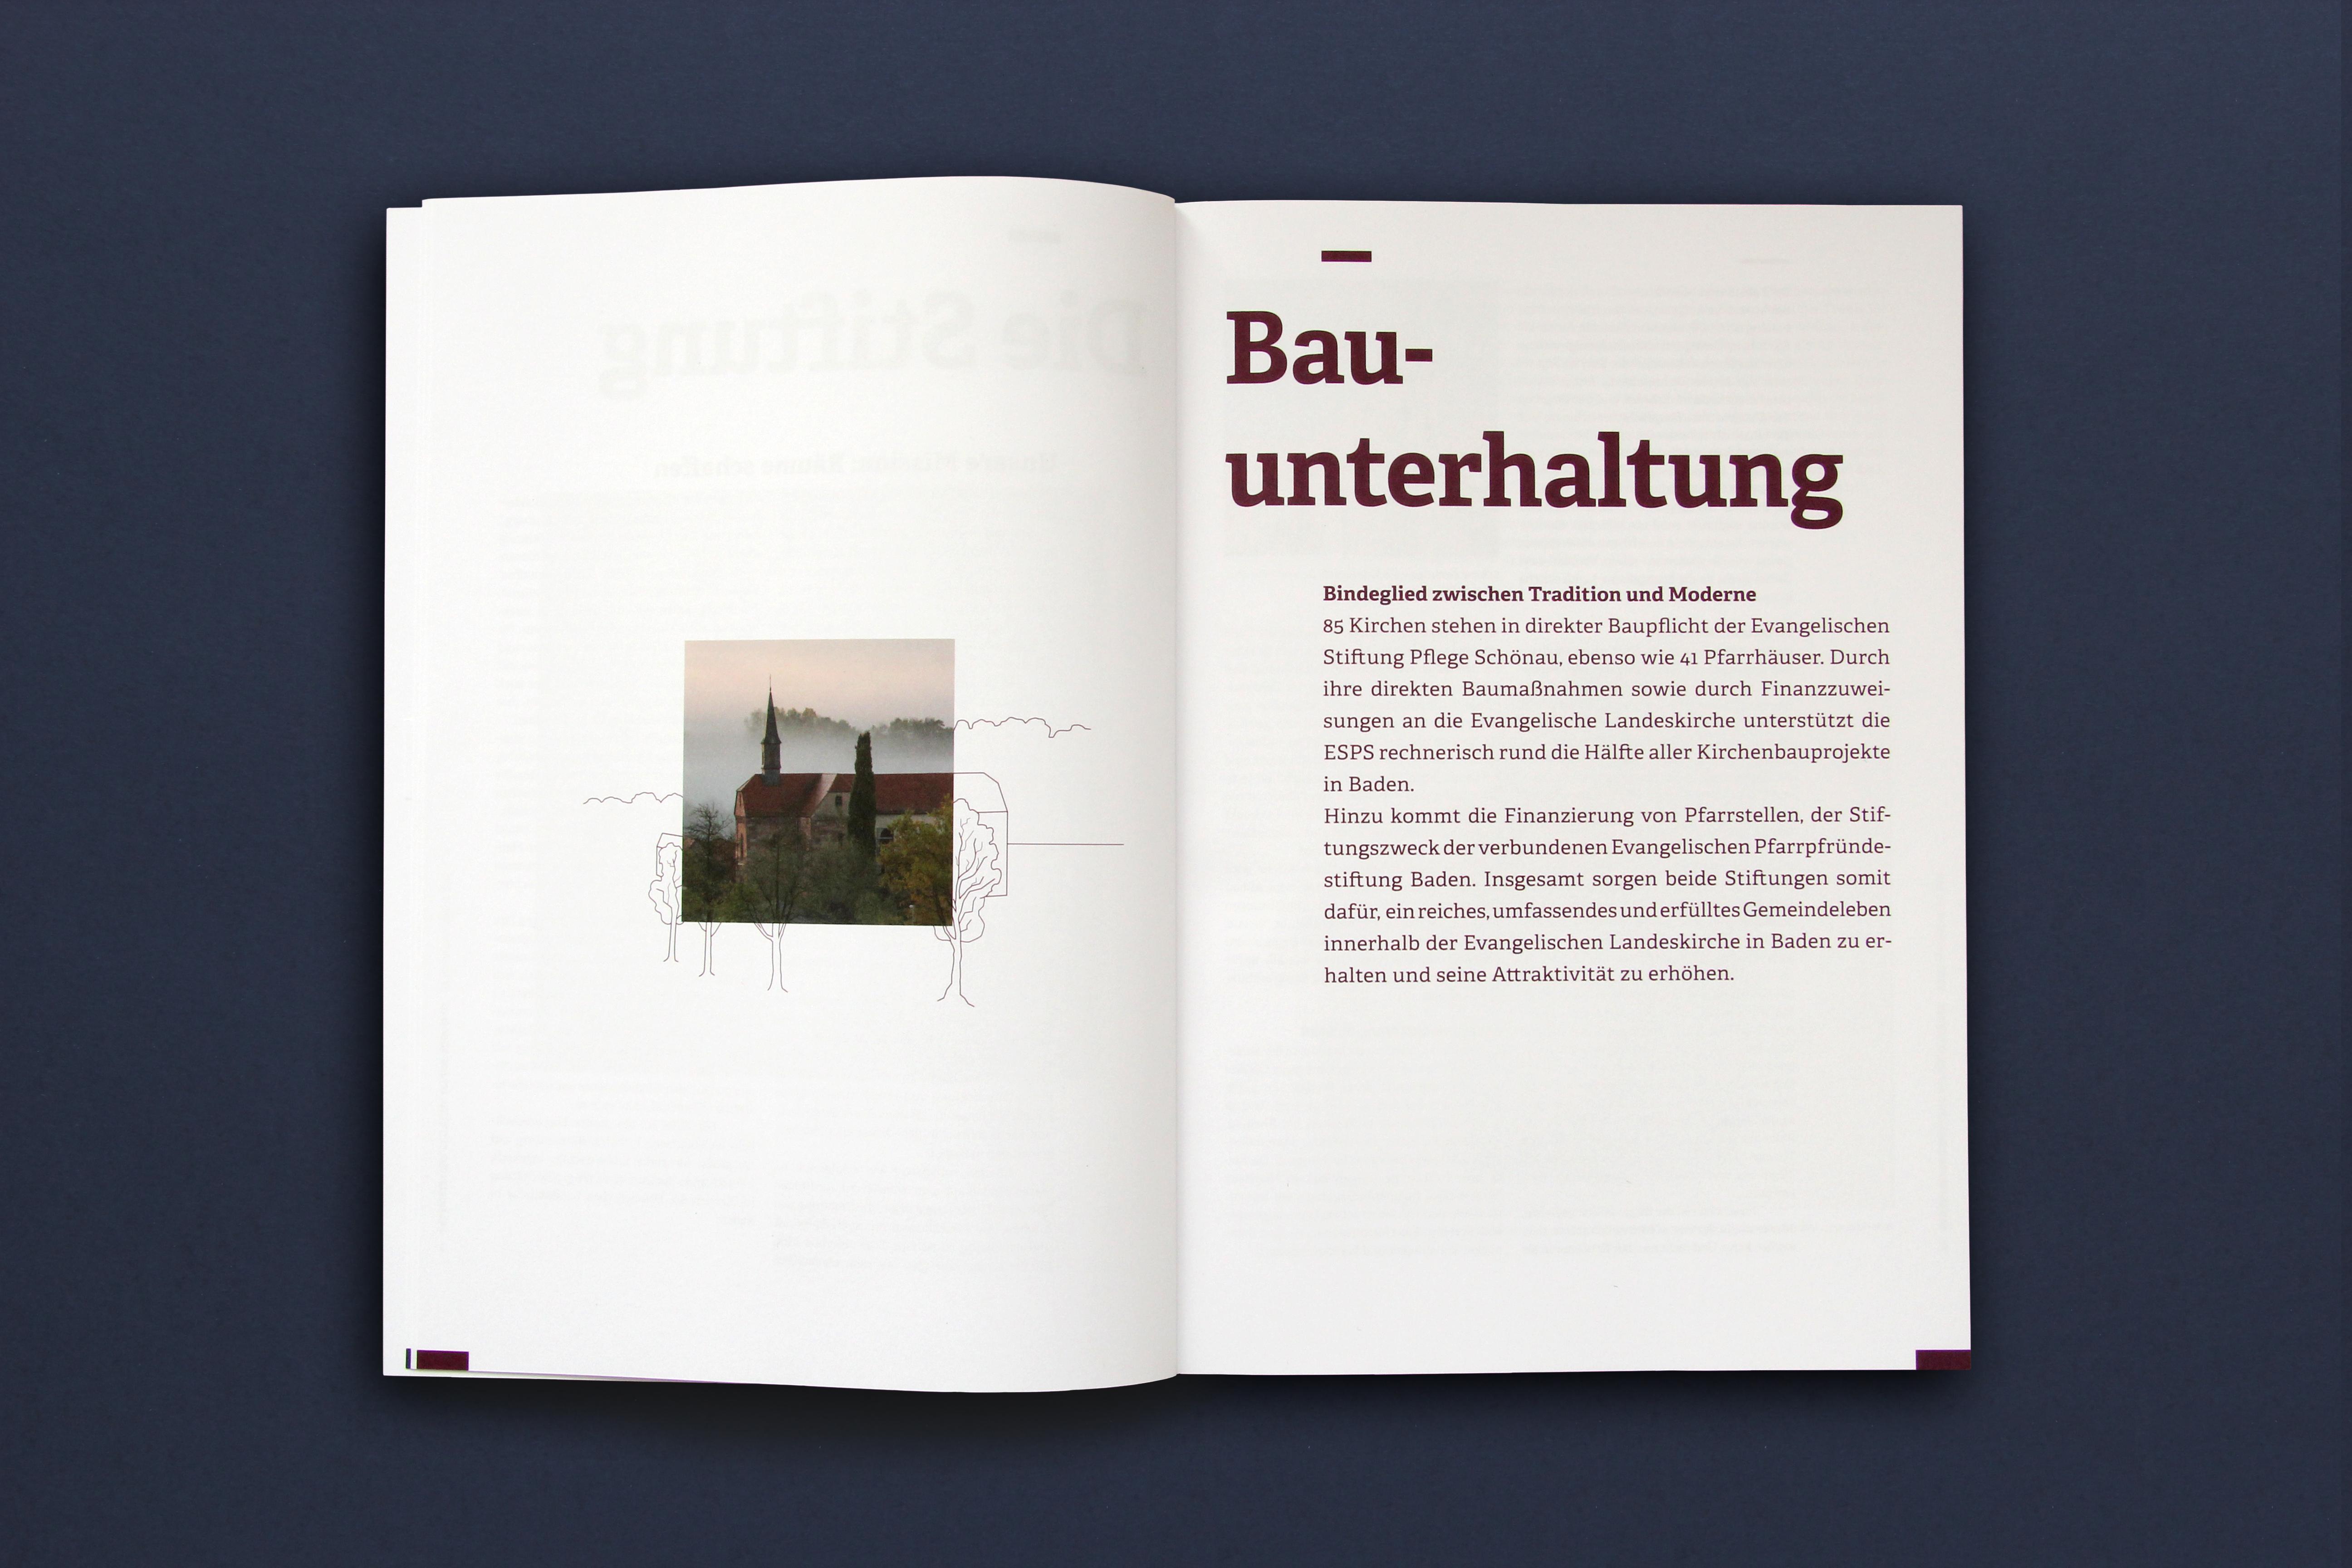 Annual Report Evangelische Stiftung Pflege Schönau